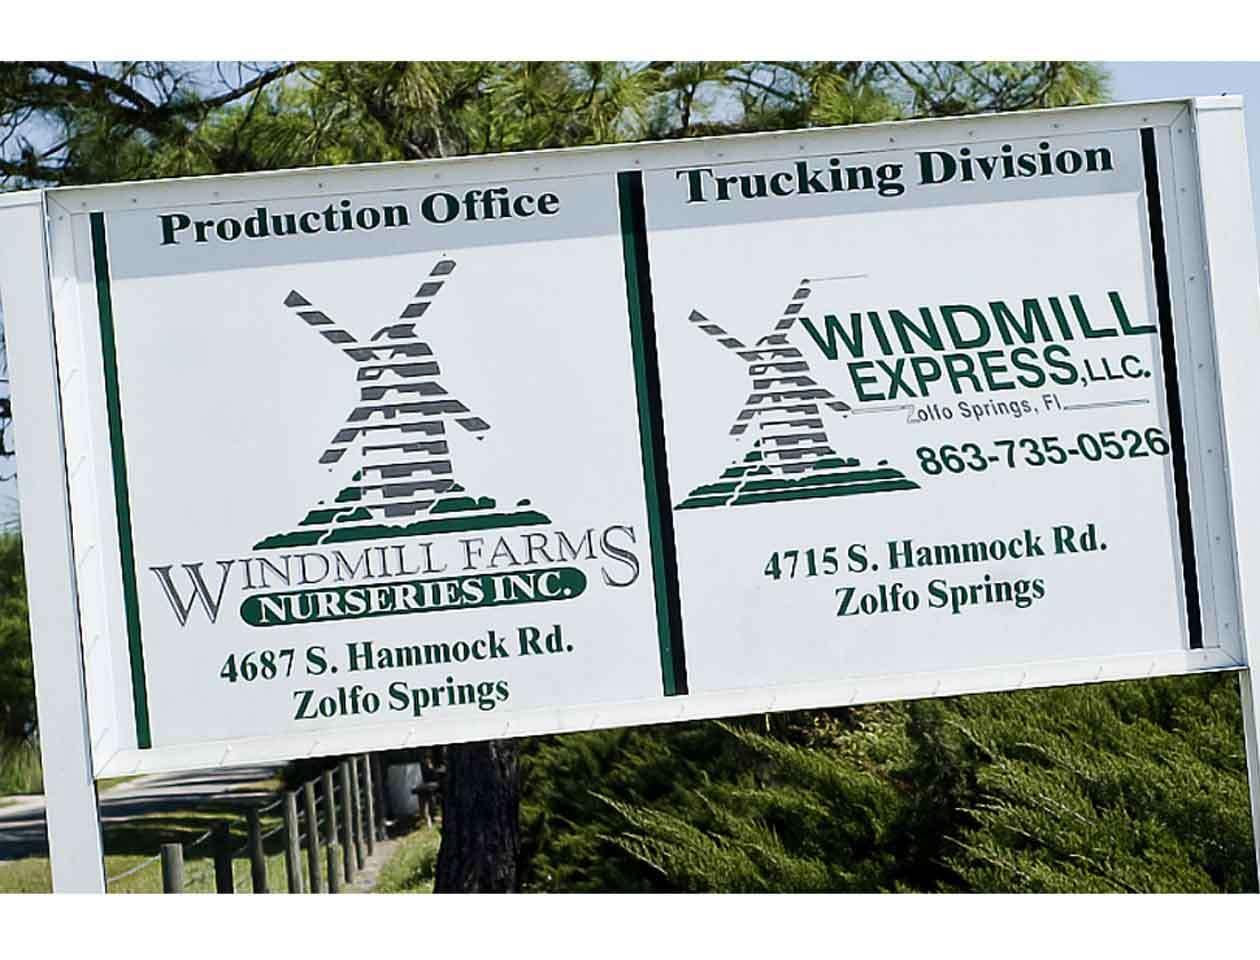 Windmill Farms Nurseries Inc se dedica a cultivar plantas en Zolfo Springs, Condado Hardee, en el centro de Florida. Foto: windmill farms